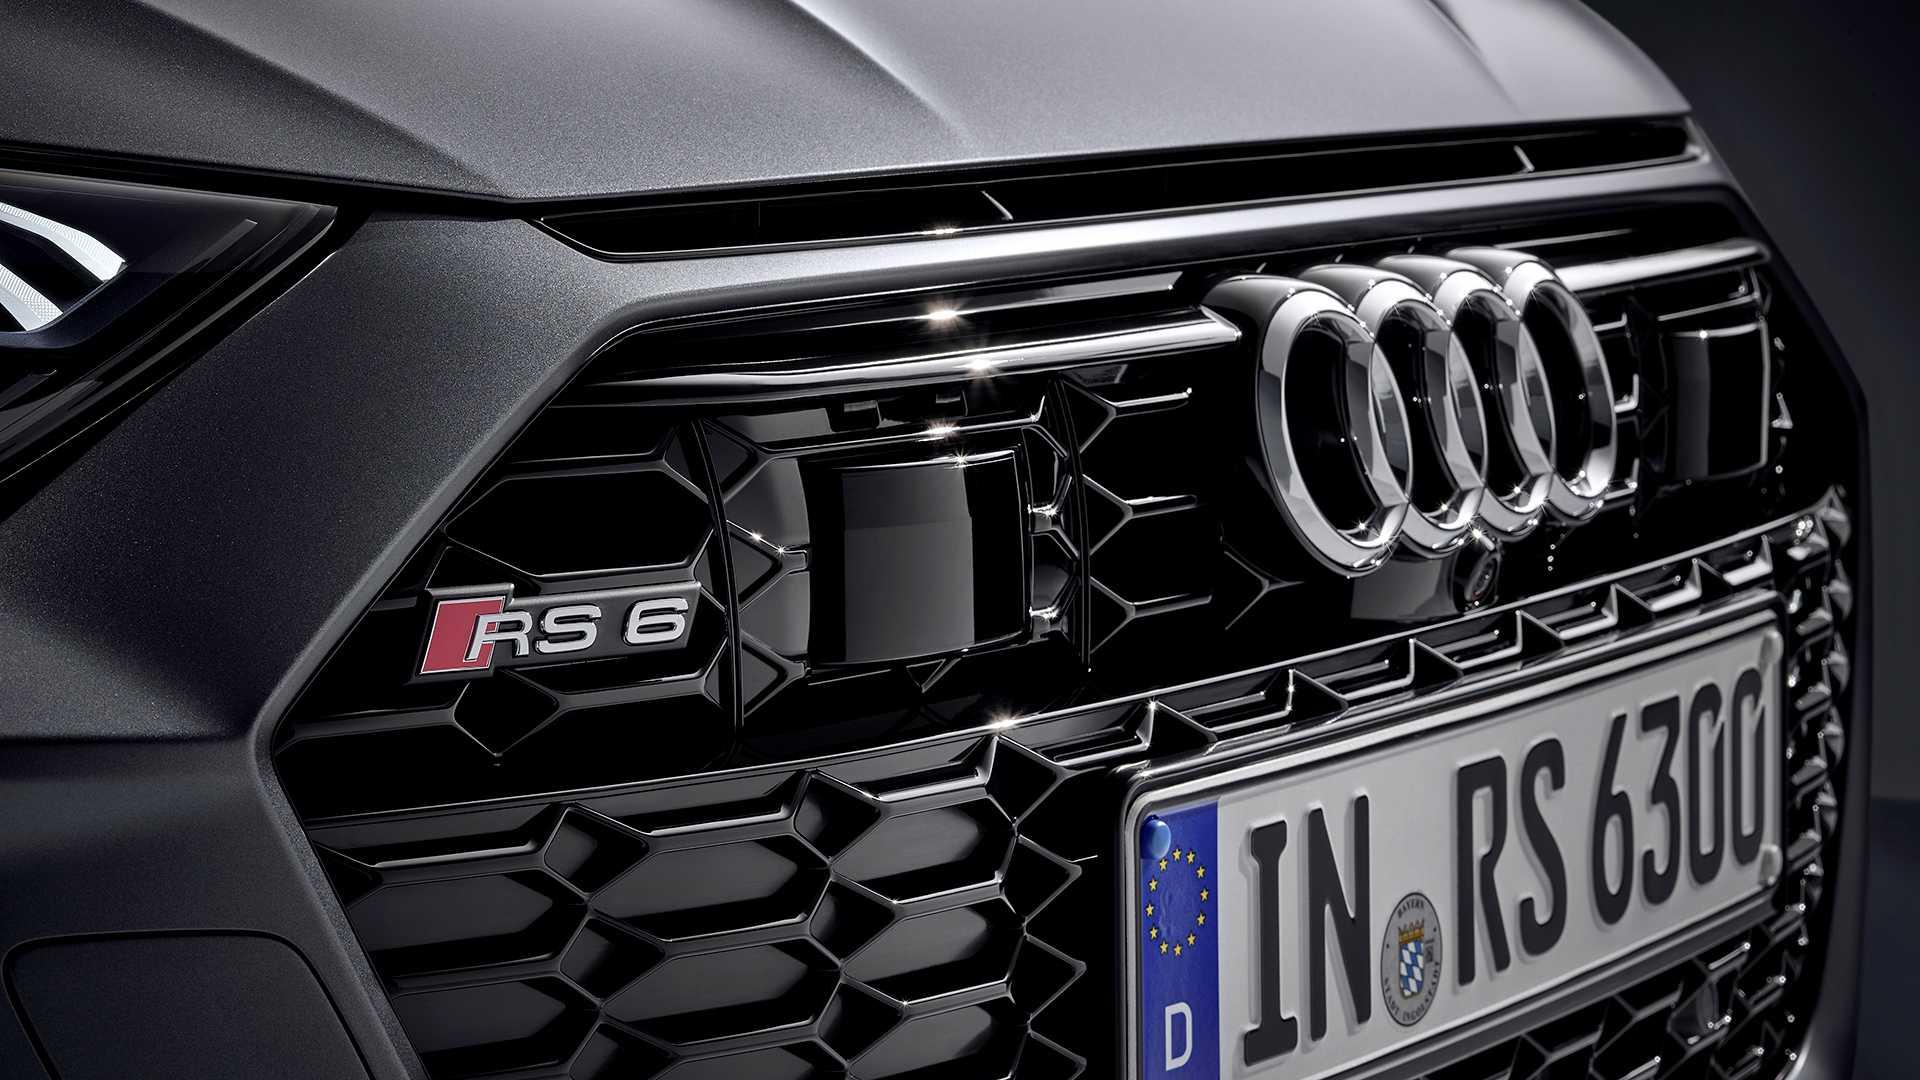 Audi RS6 Avant lần đầu ra mắt tại Mỹ kỷ niệm 25 năm dòng xe RS của Audi - 23